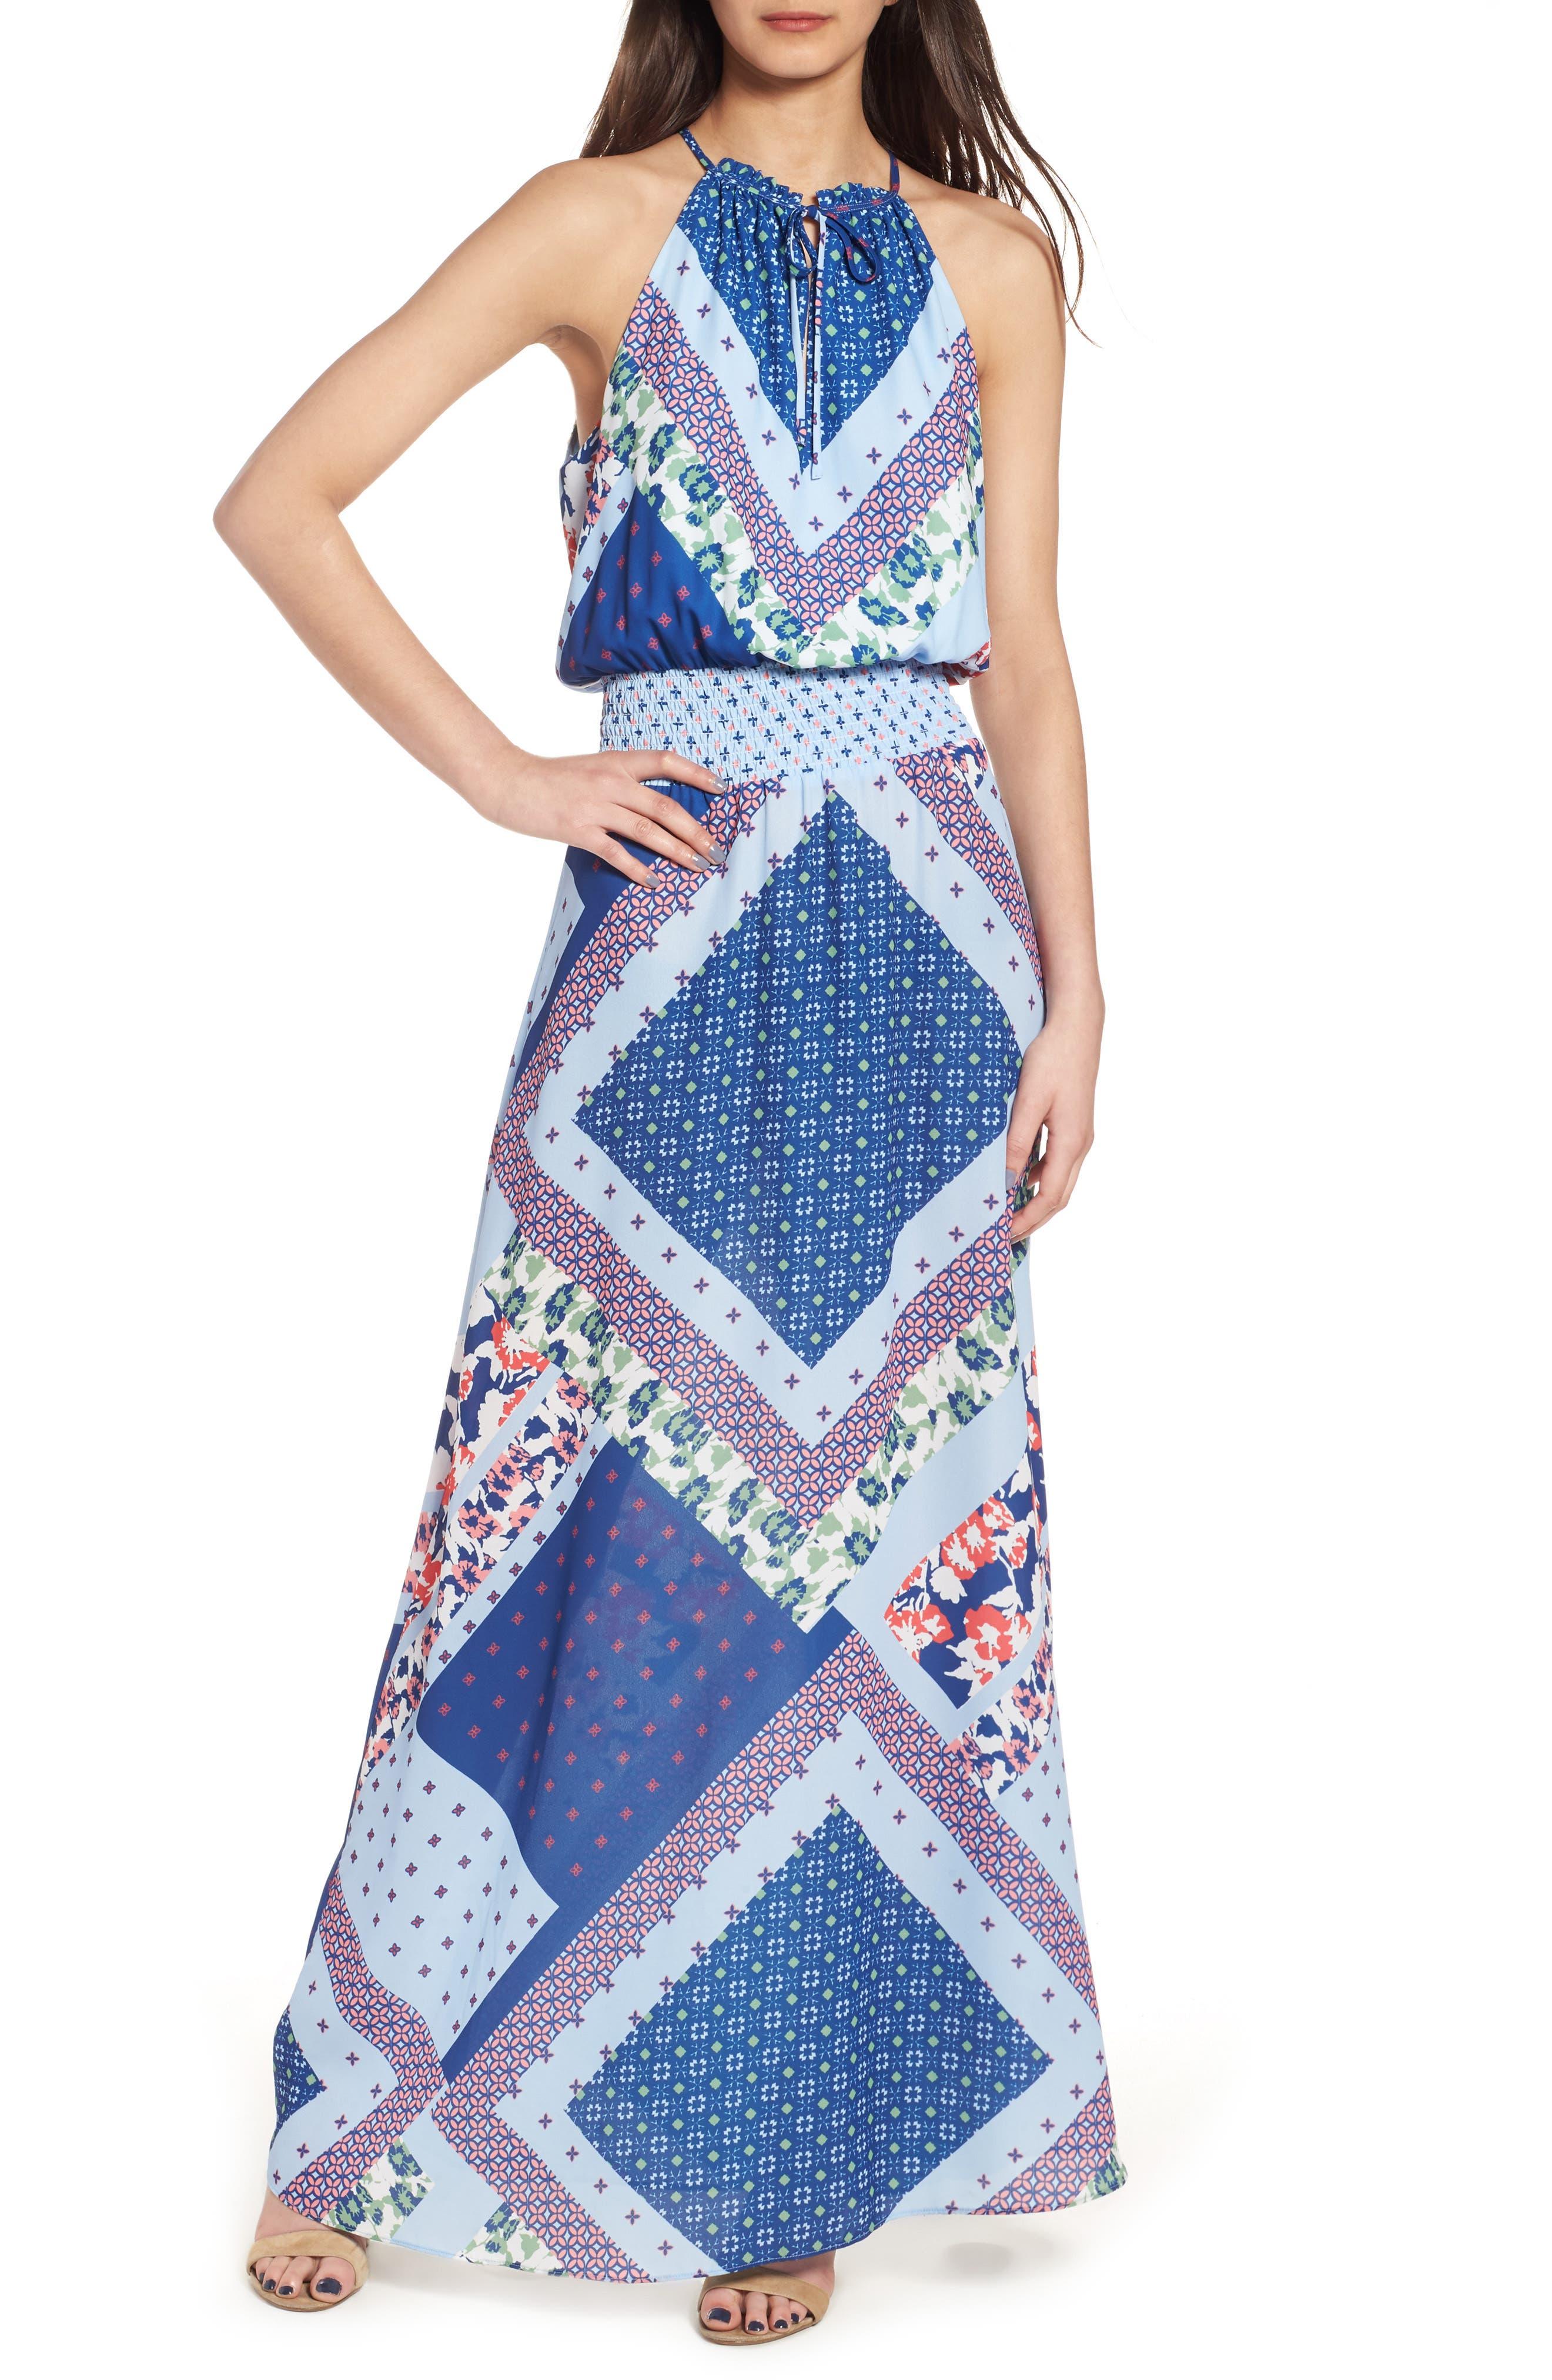 devlin Estella Mixed Print Maxi Dress